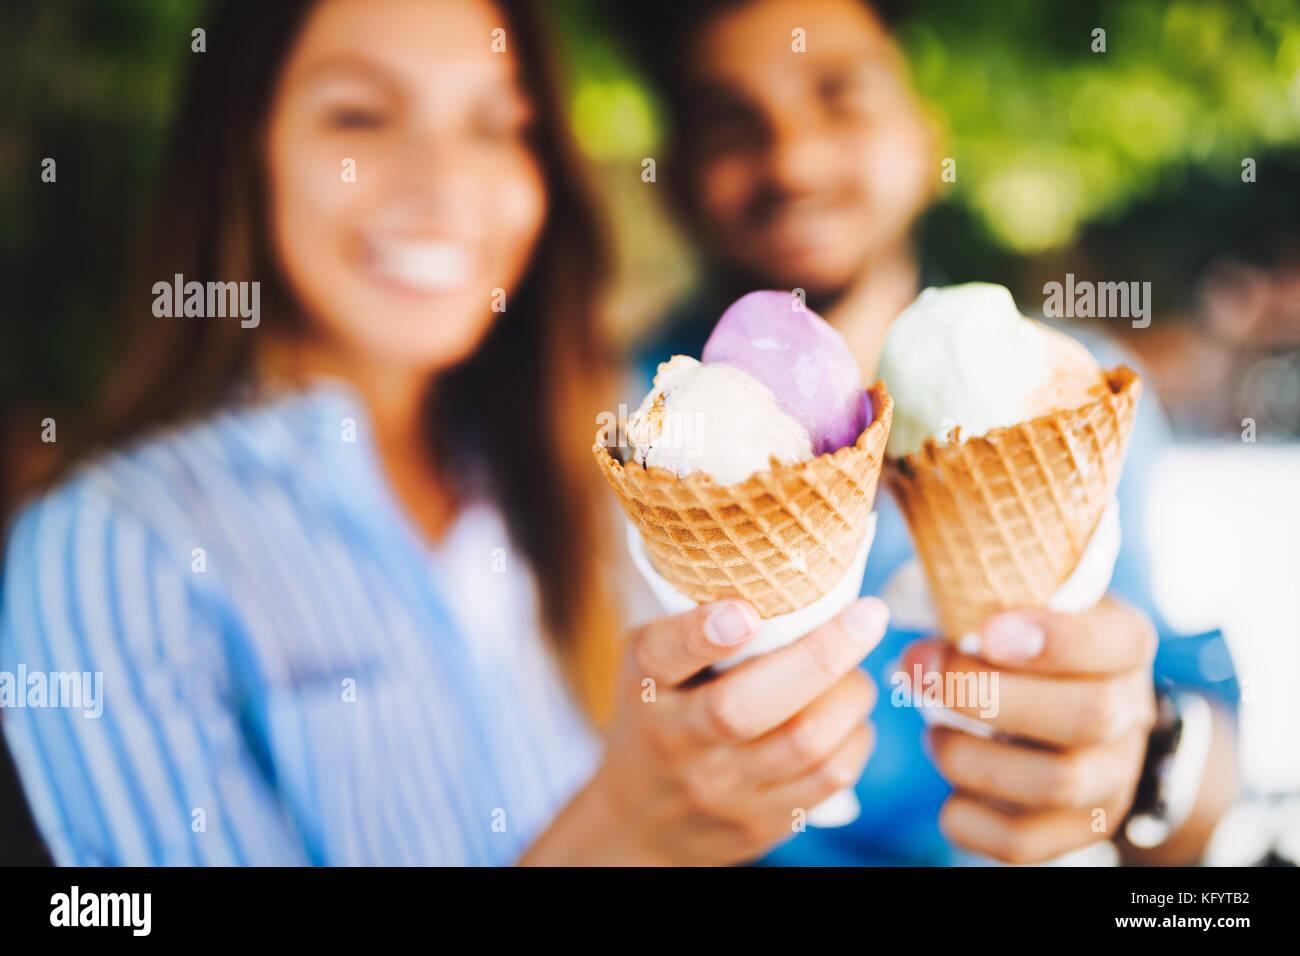 Felice coppia avente data e mangiare il gelato Immagini Stock